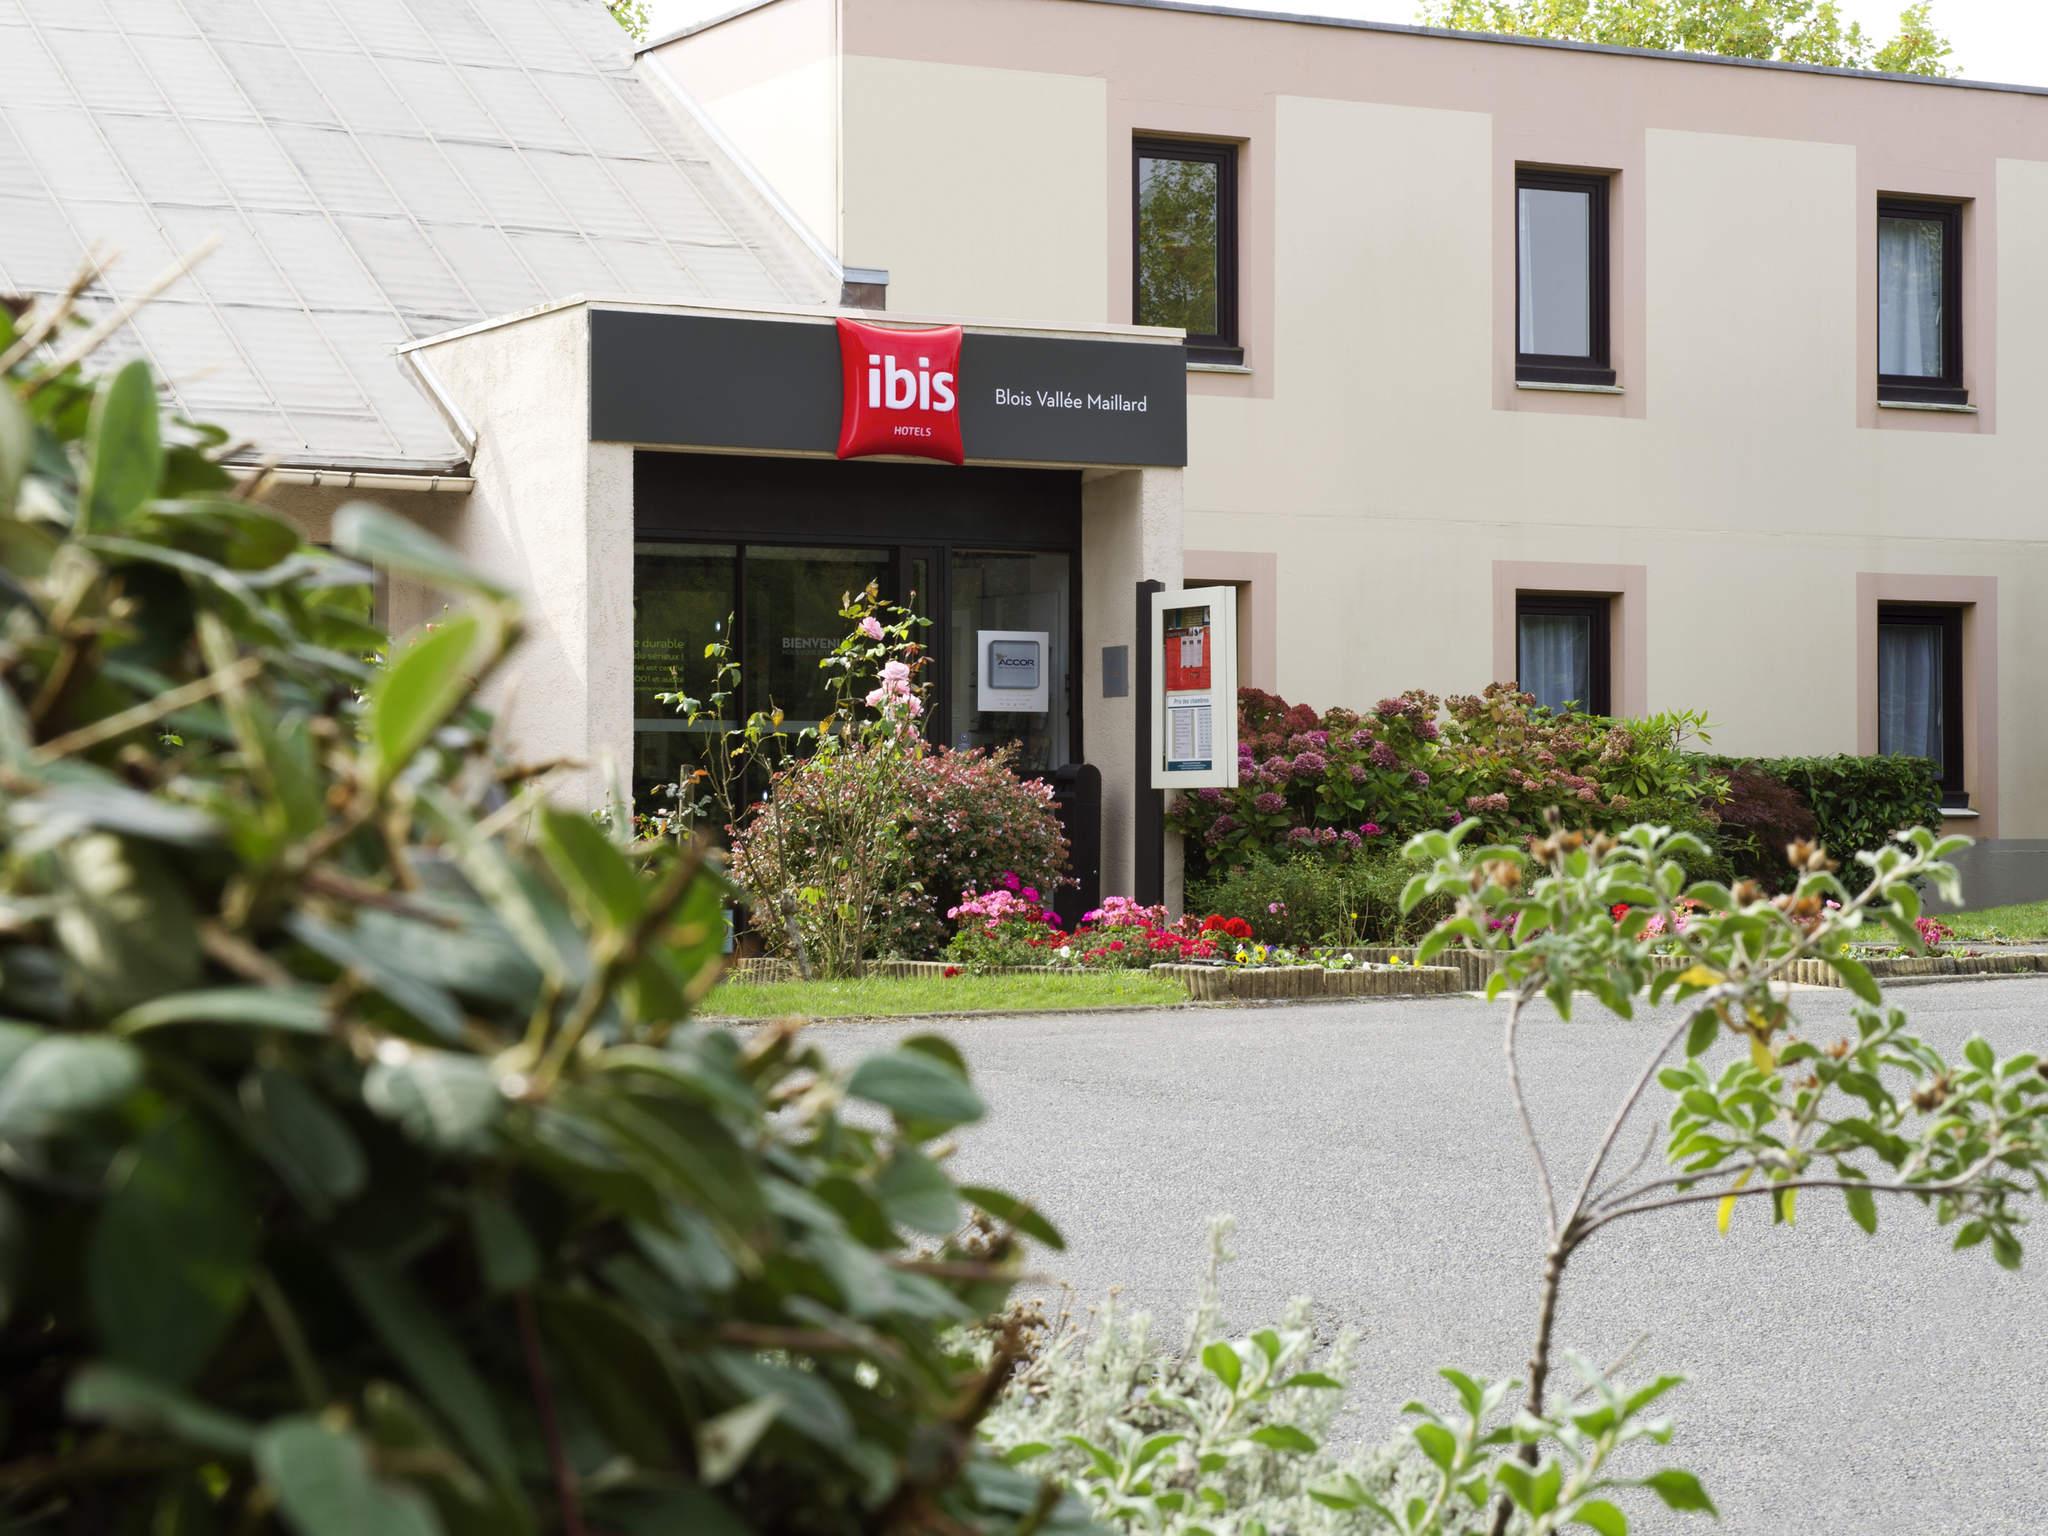 Hotel – ibis Blois Vallée Maillard